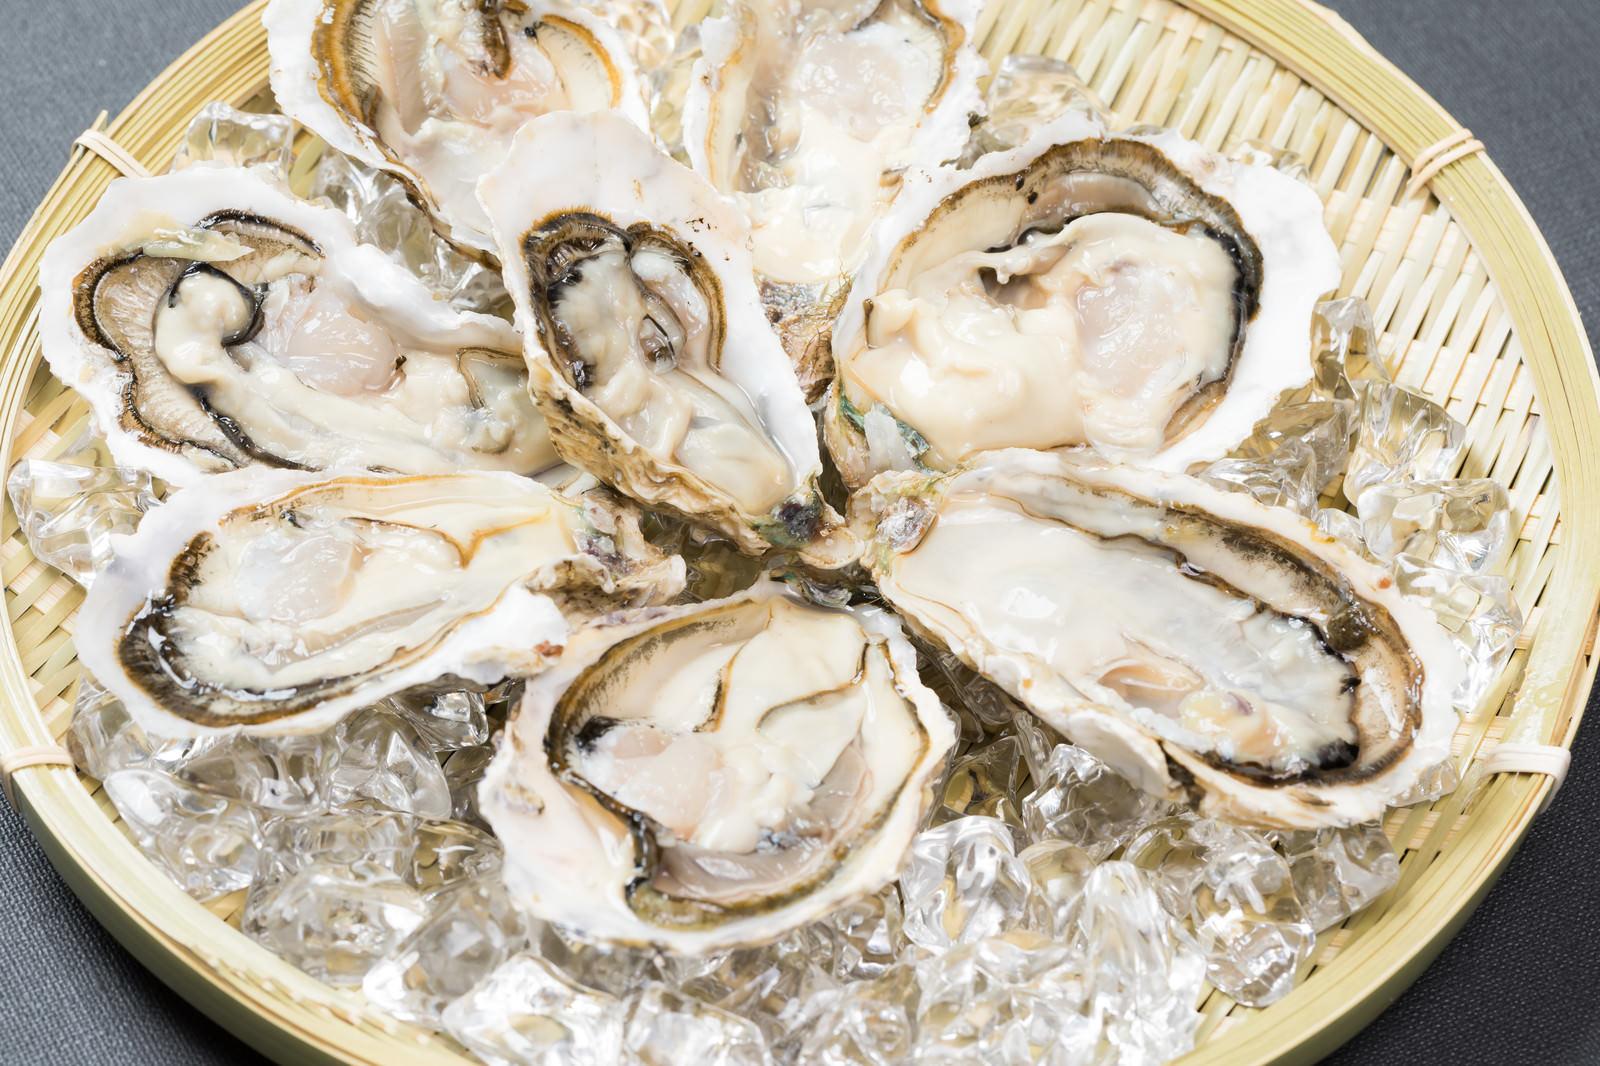 「ザルの上に盛り付けされた生牡蠣(恵比須牡蠣)ザルの上に盛り付けされた生牡蠣(恵比須牡蠣)」のフリー写真素材を拡大